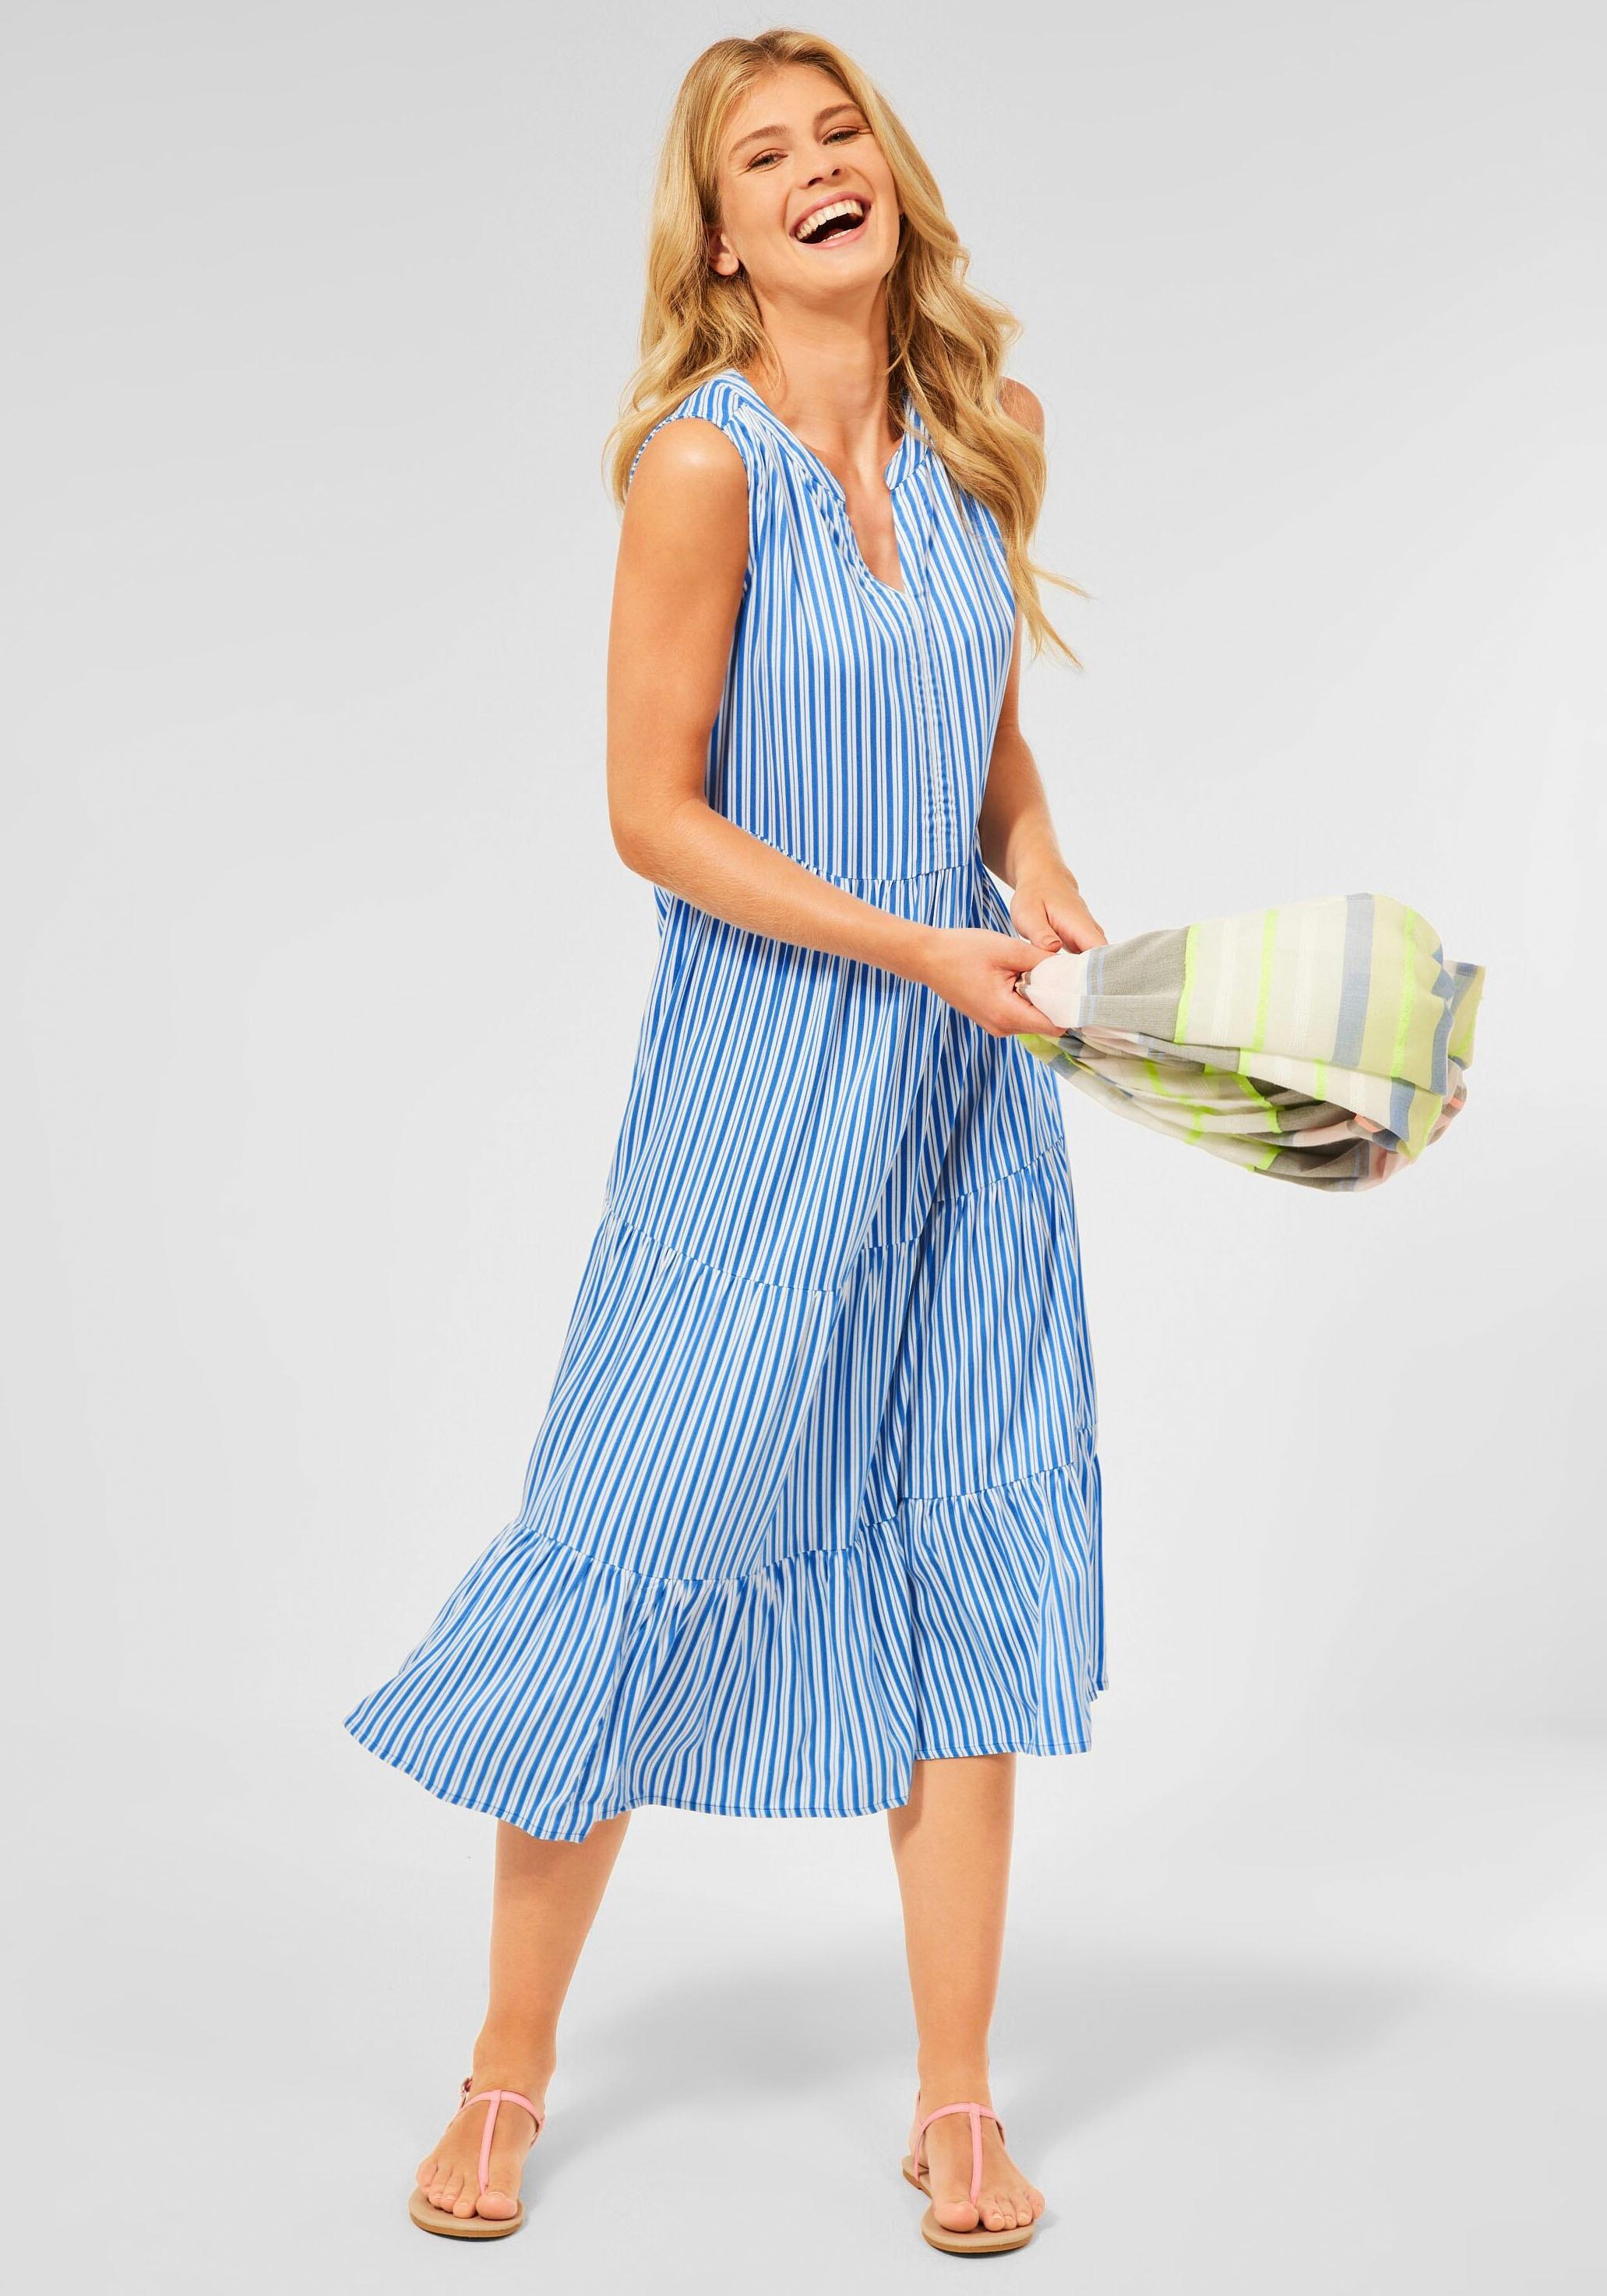 cecil -  Sommerkleid, mit maritimem Streifenmuster